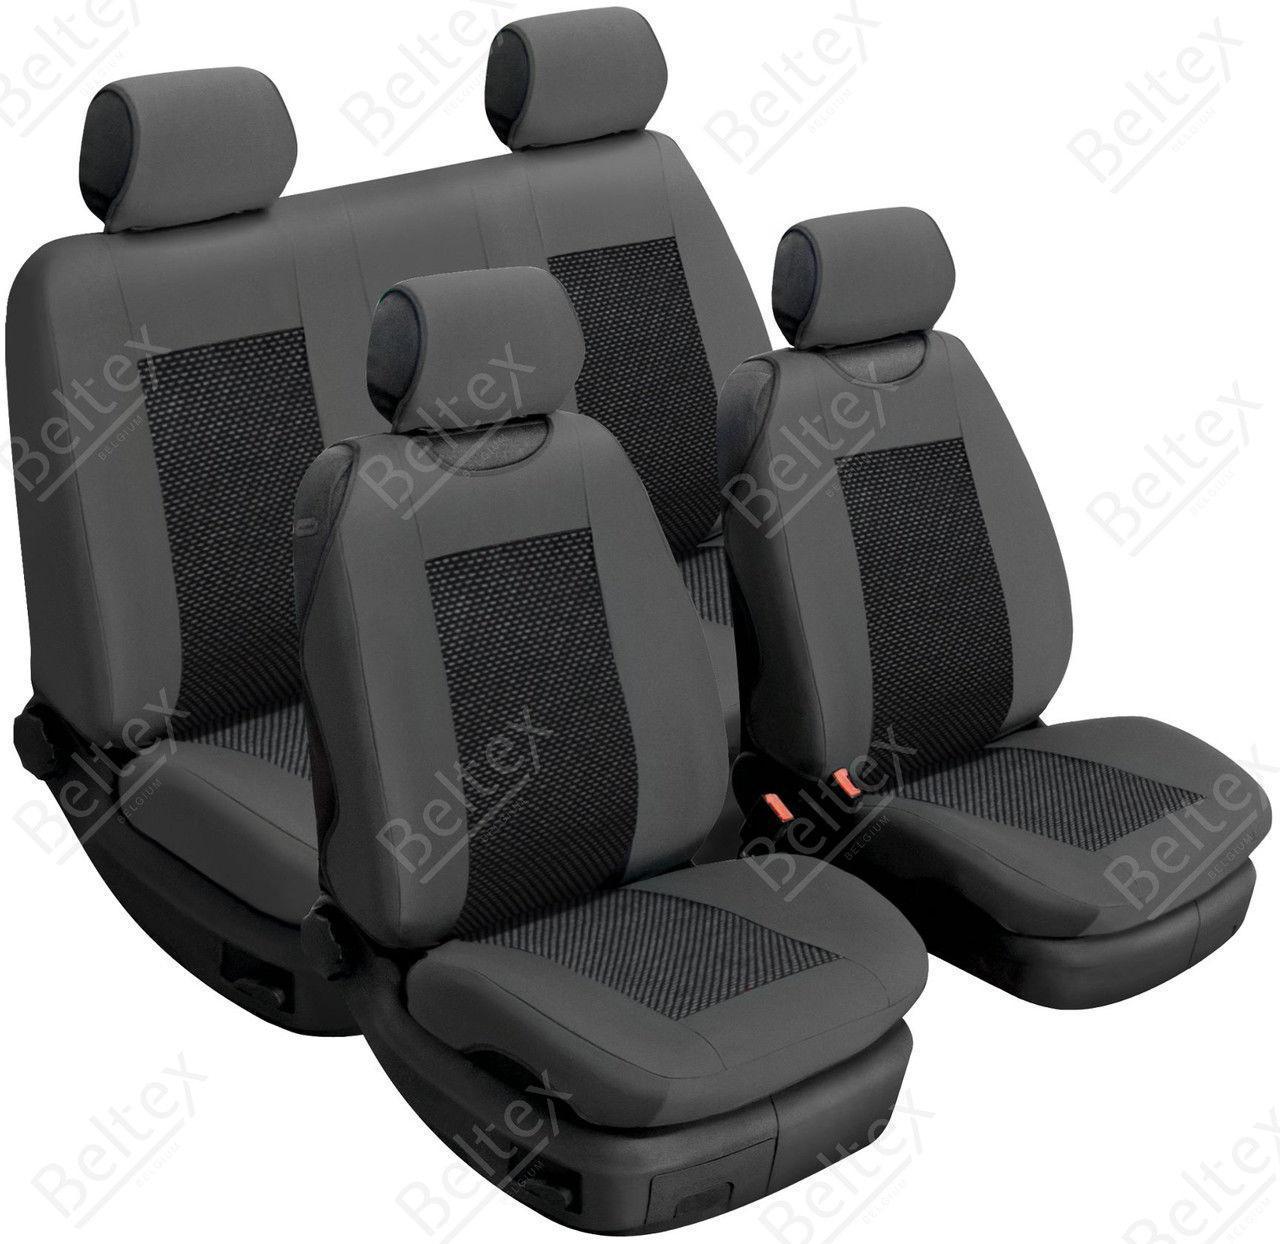 Майки/чехлы на сиденья Рено Мастер (Renault Master)